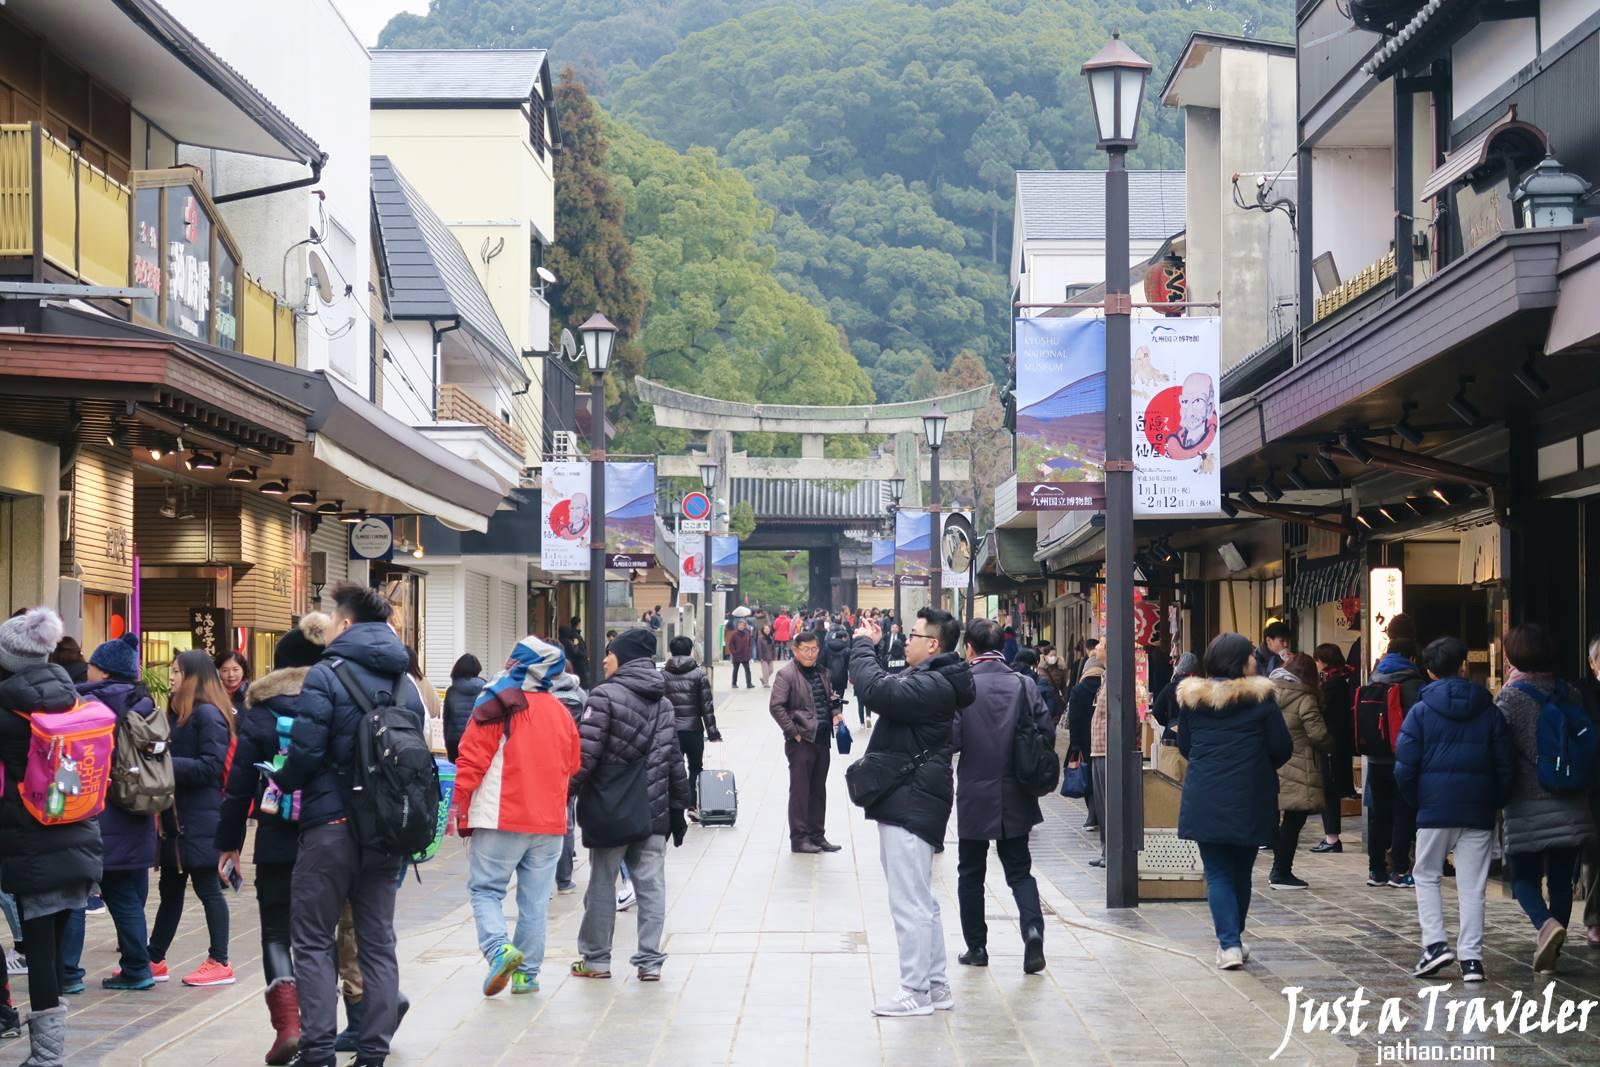 福岡-景點-推薦-太宰府天滿宮-福岡好玩景點-福岡必玩景點-福岡必去景點-福岡自由行景點-攻略-市區-郊區-旅遊-行程-Fukuoka-Tourist-Attraction